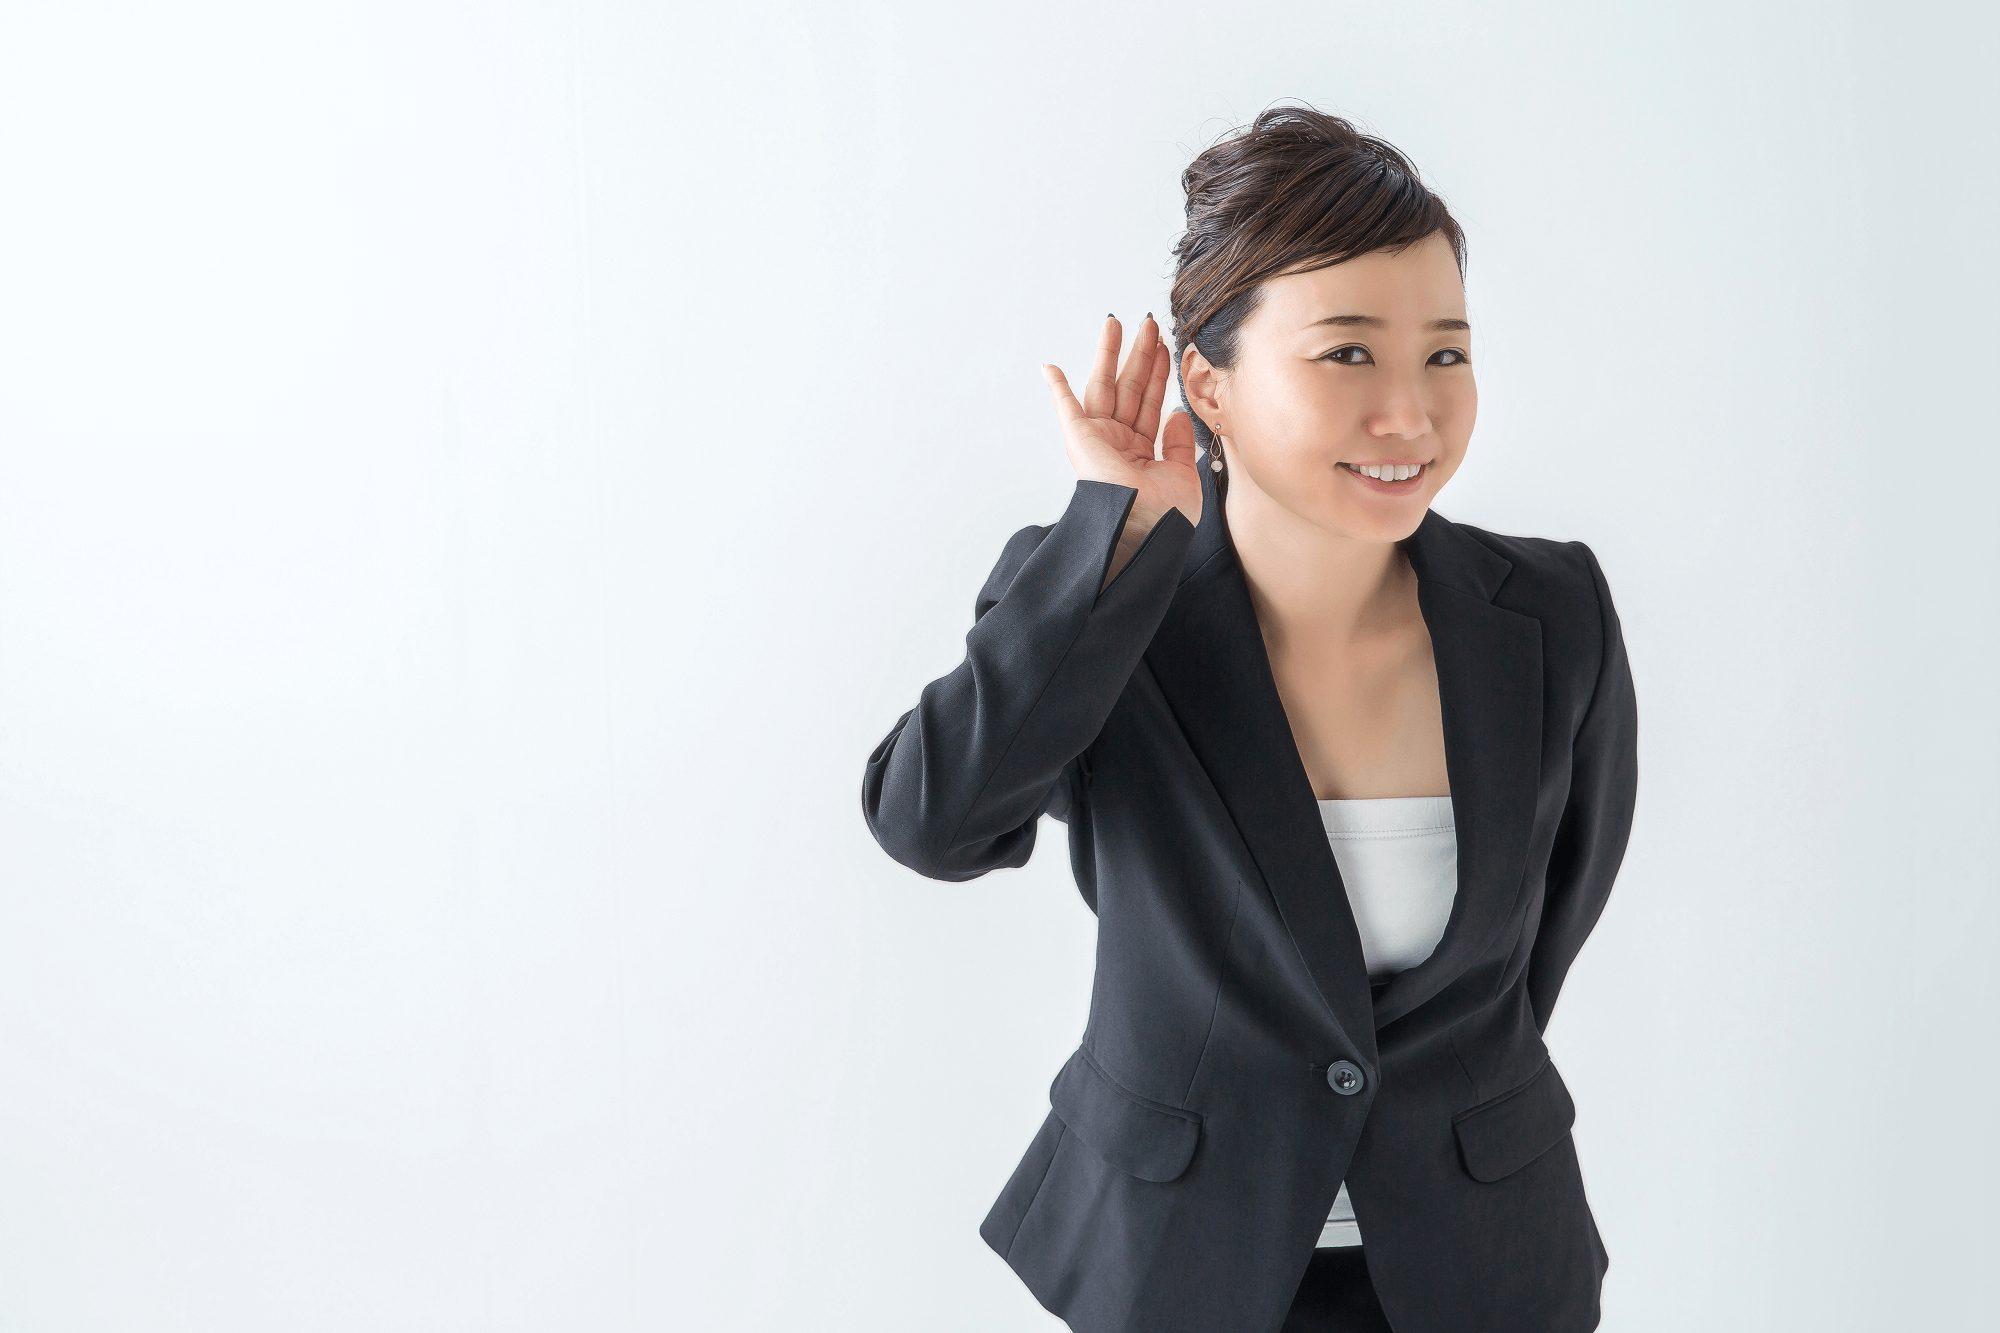 レイク(レイクALSA/新生銀行レイク)利用者7名に聞いた!増額審査の結果と体験談